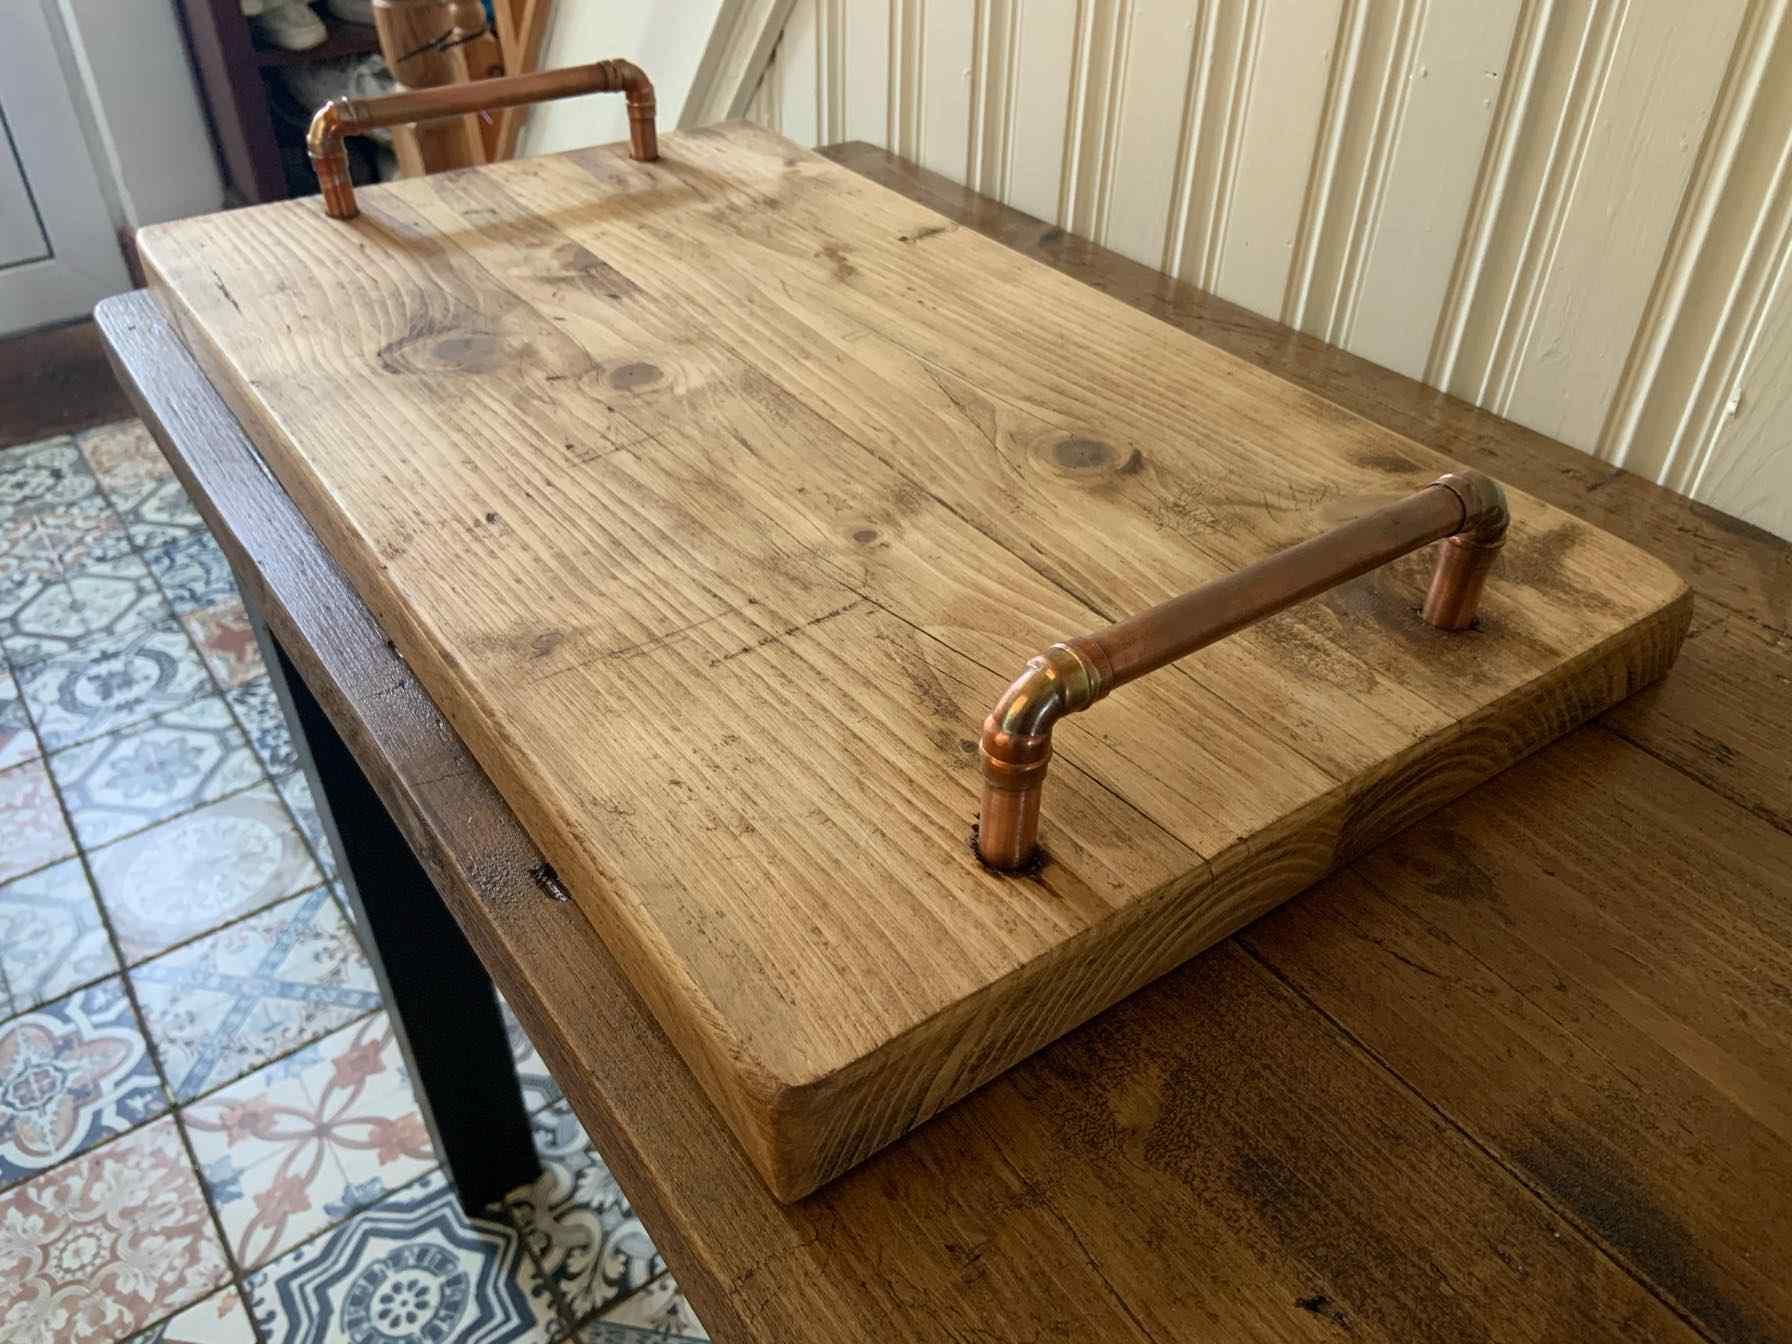 bespoke wooden dinner tray